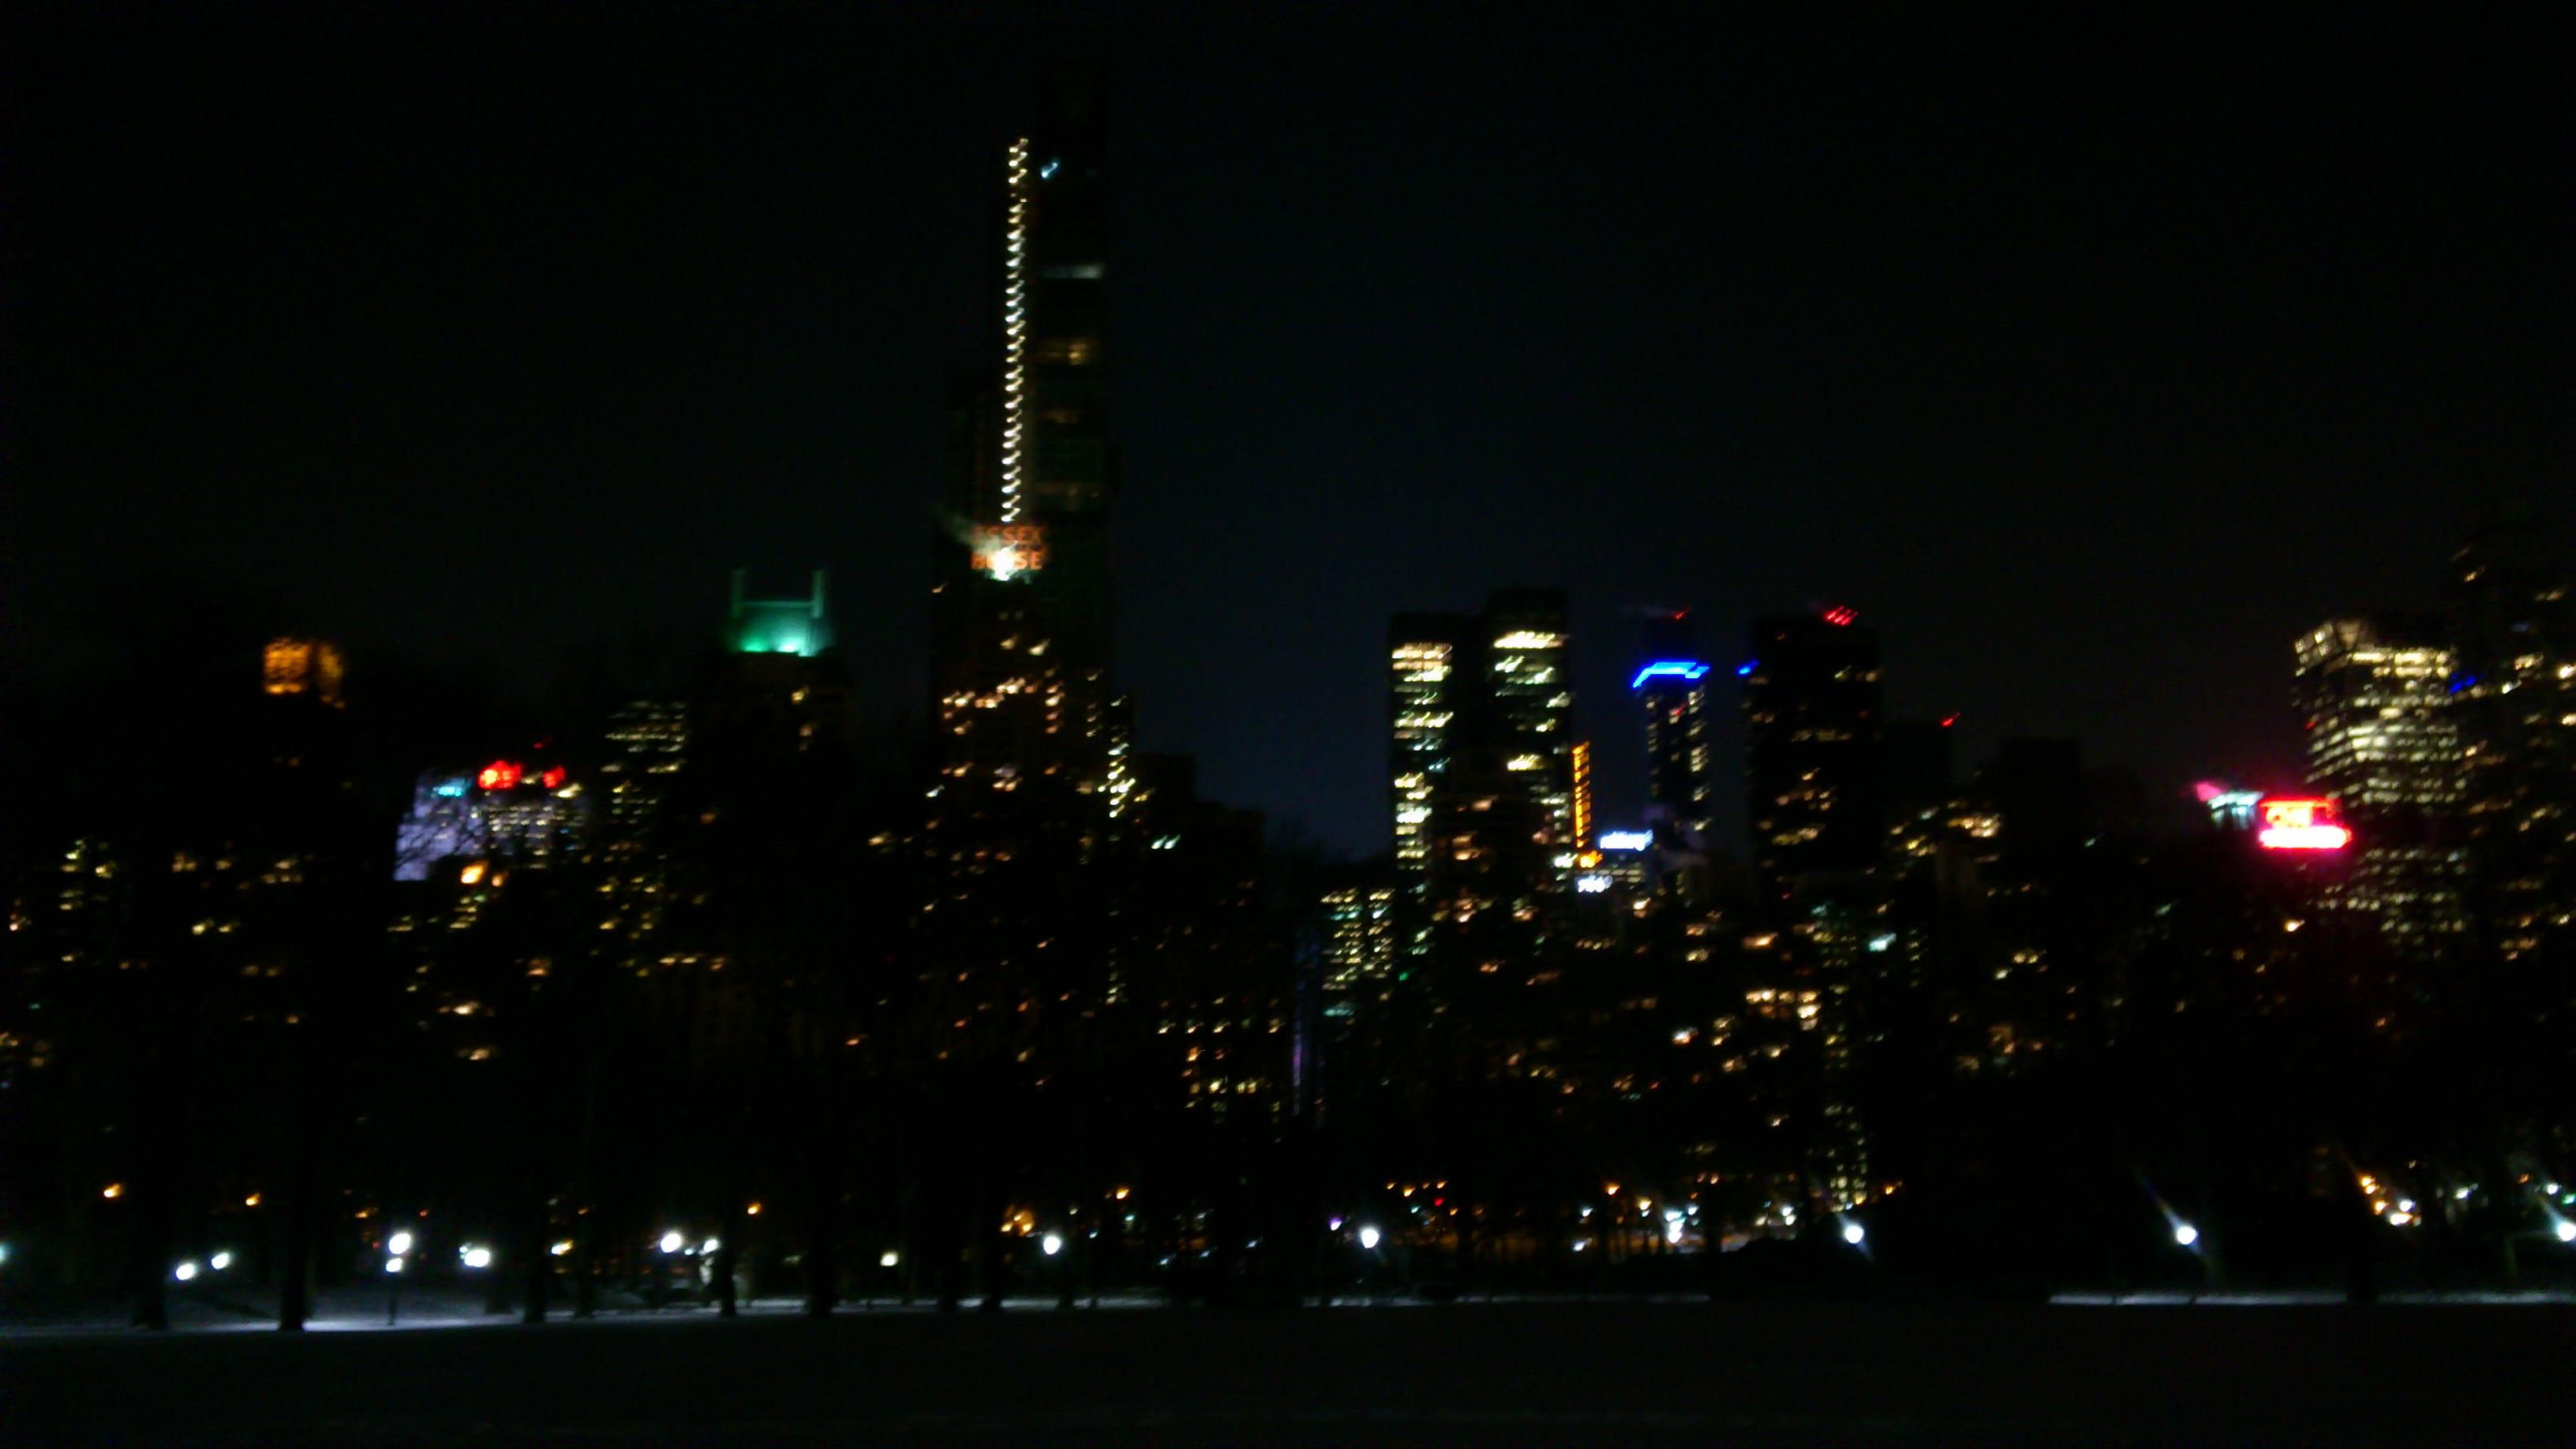 Mobilfoto. Central park natt, City, Nacht, Natt, New york, HQ Photo